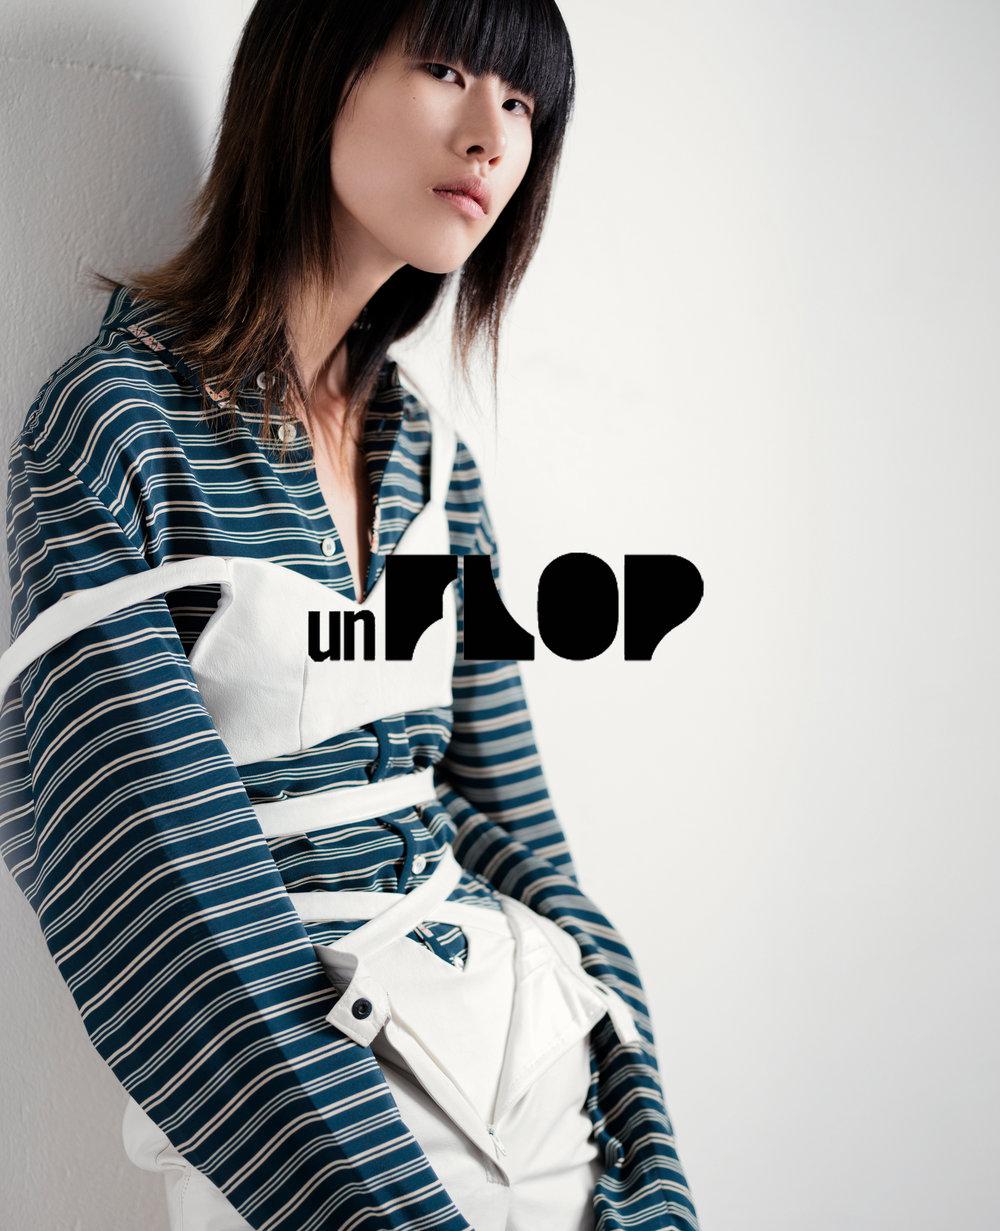 UNFLOP 1.jpg